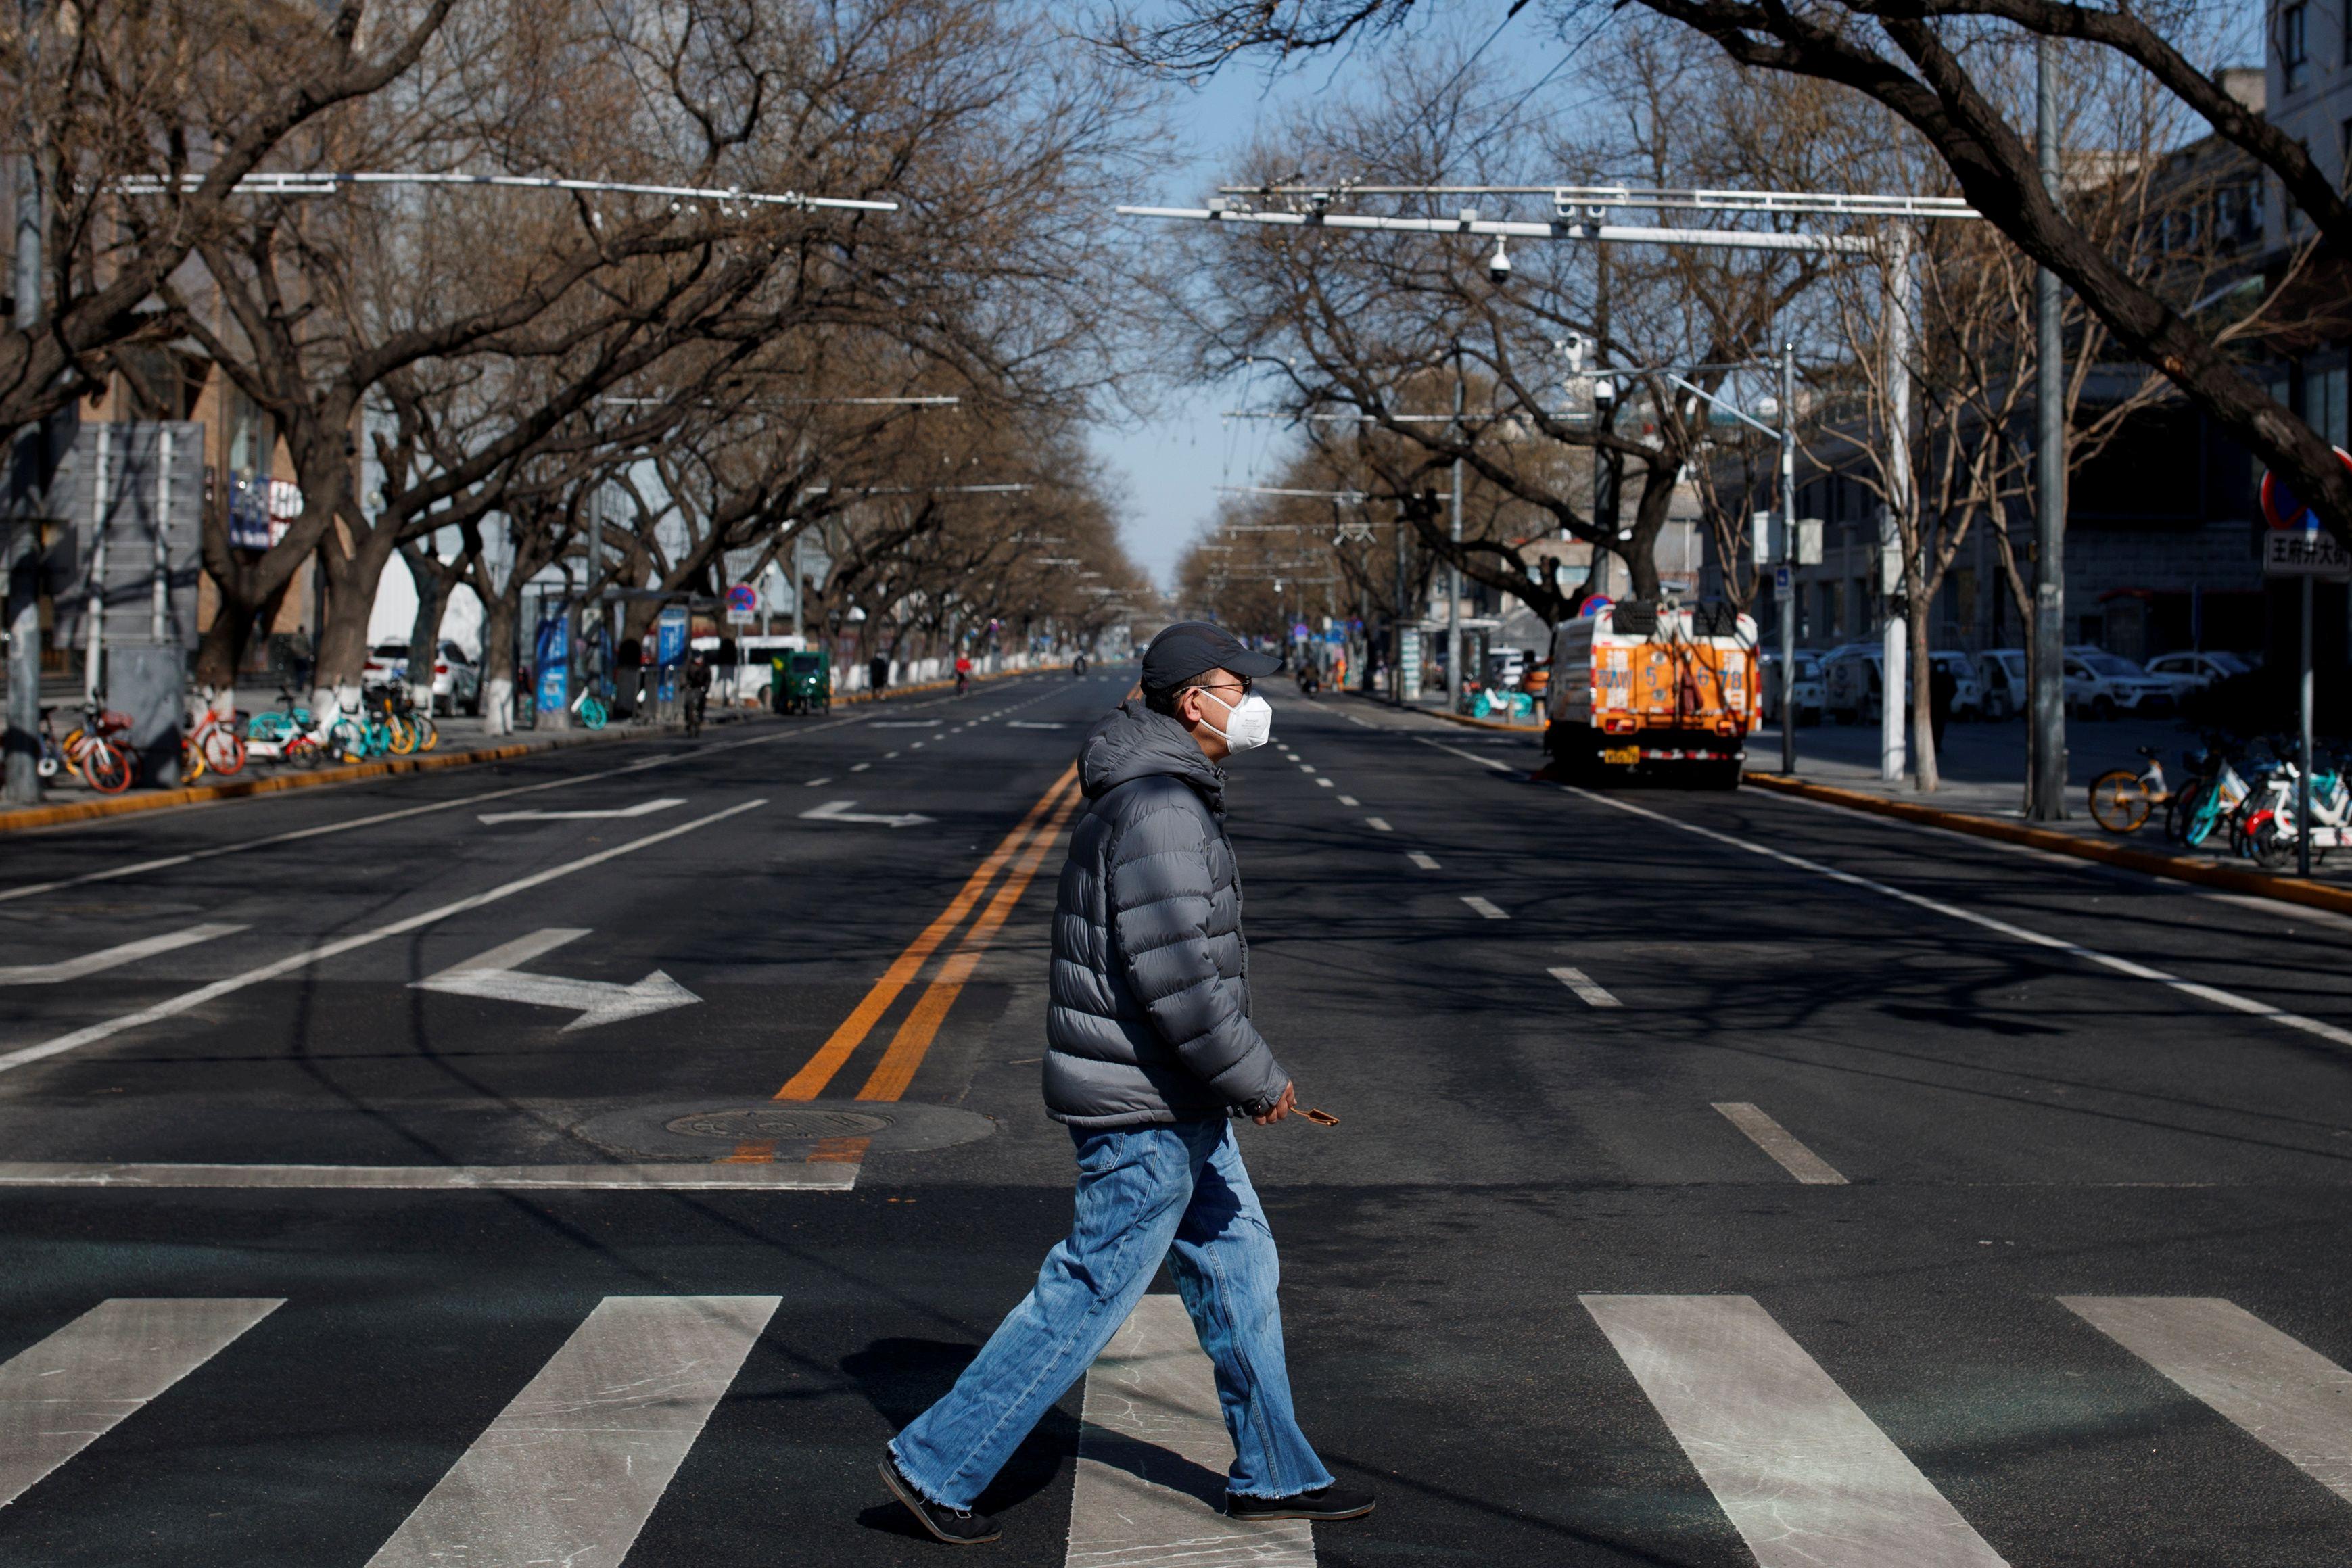 Un hombre cruzando una calle en Beijing, utilizando un barbijo (REUTERS/Thomas Peter/File Photo)